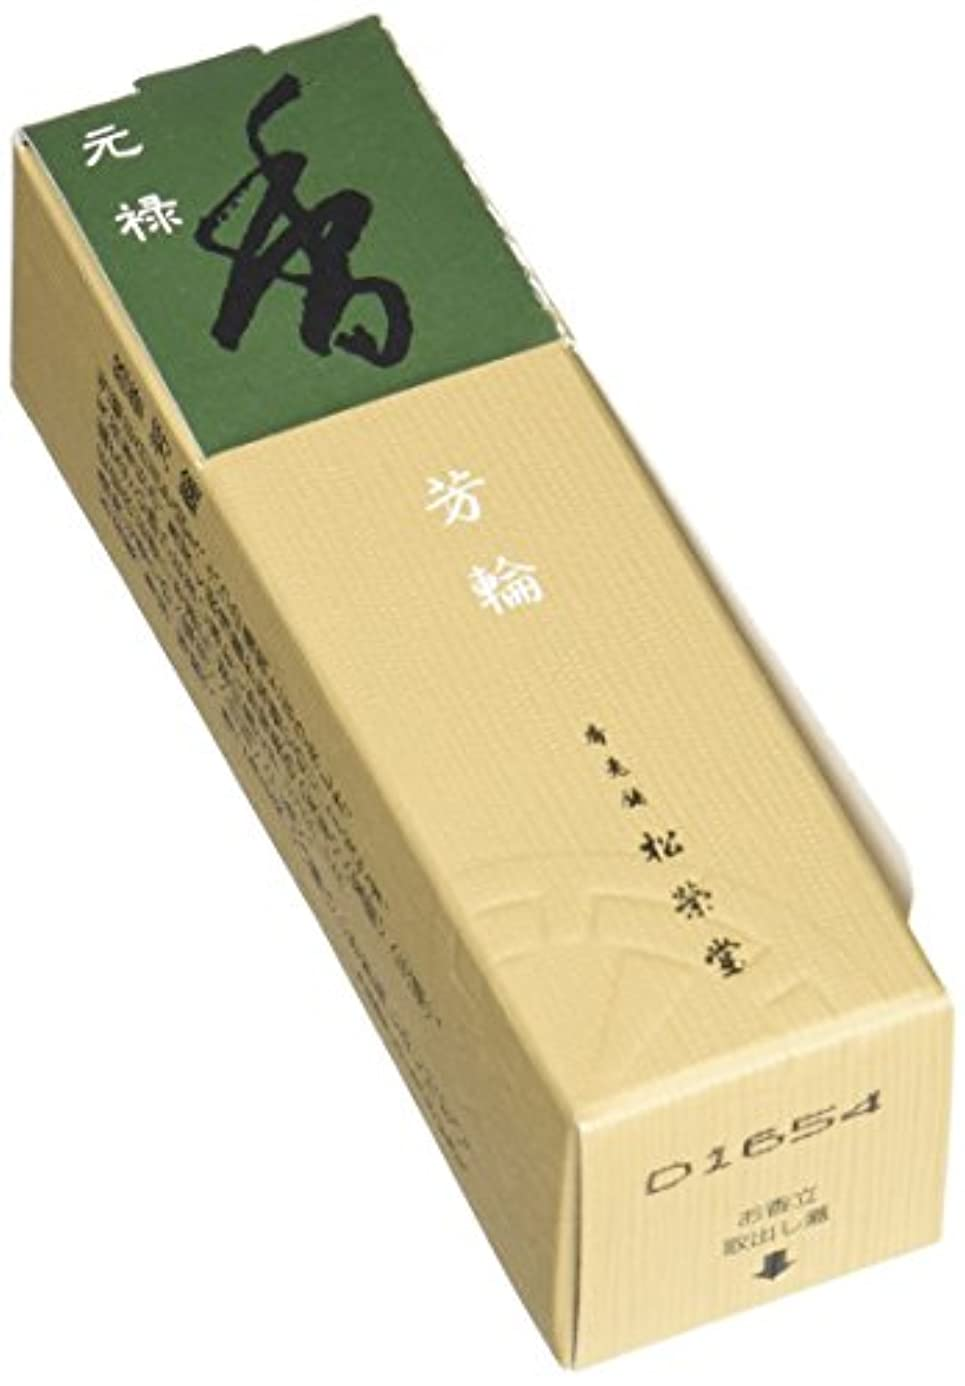 暫定刃機械松栄堂のお香 芳輪元禄 ST20本入 簡易香立付 #210323